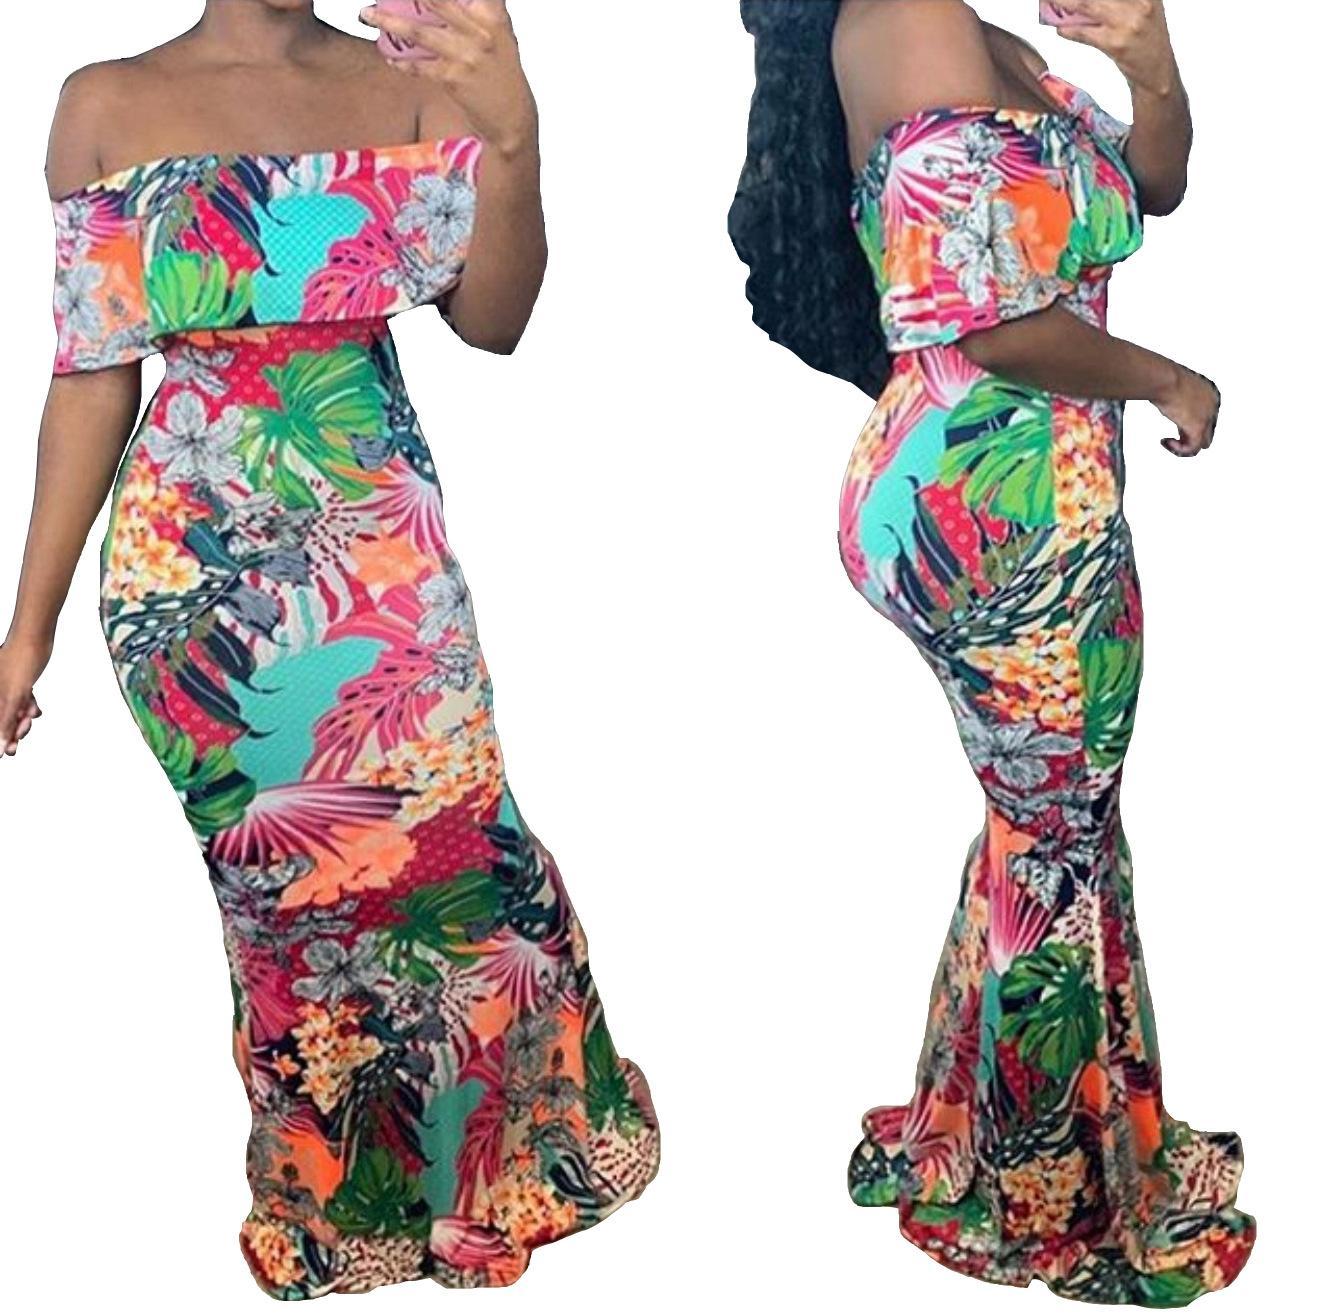 Frauen-Boot-Ausschnitt Maxikleider Mode schlanke weg Schulter Blumenmeerjungfrauenkleid Sexy Frauen-Partei-Kleid